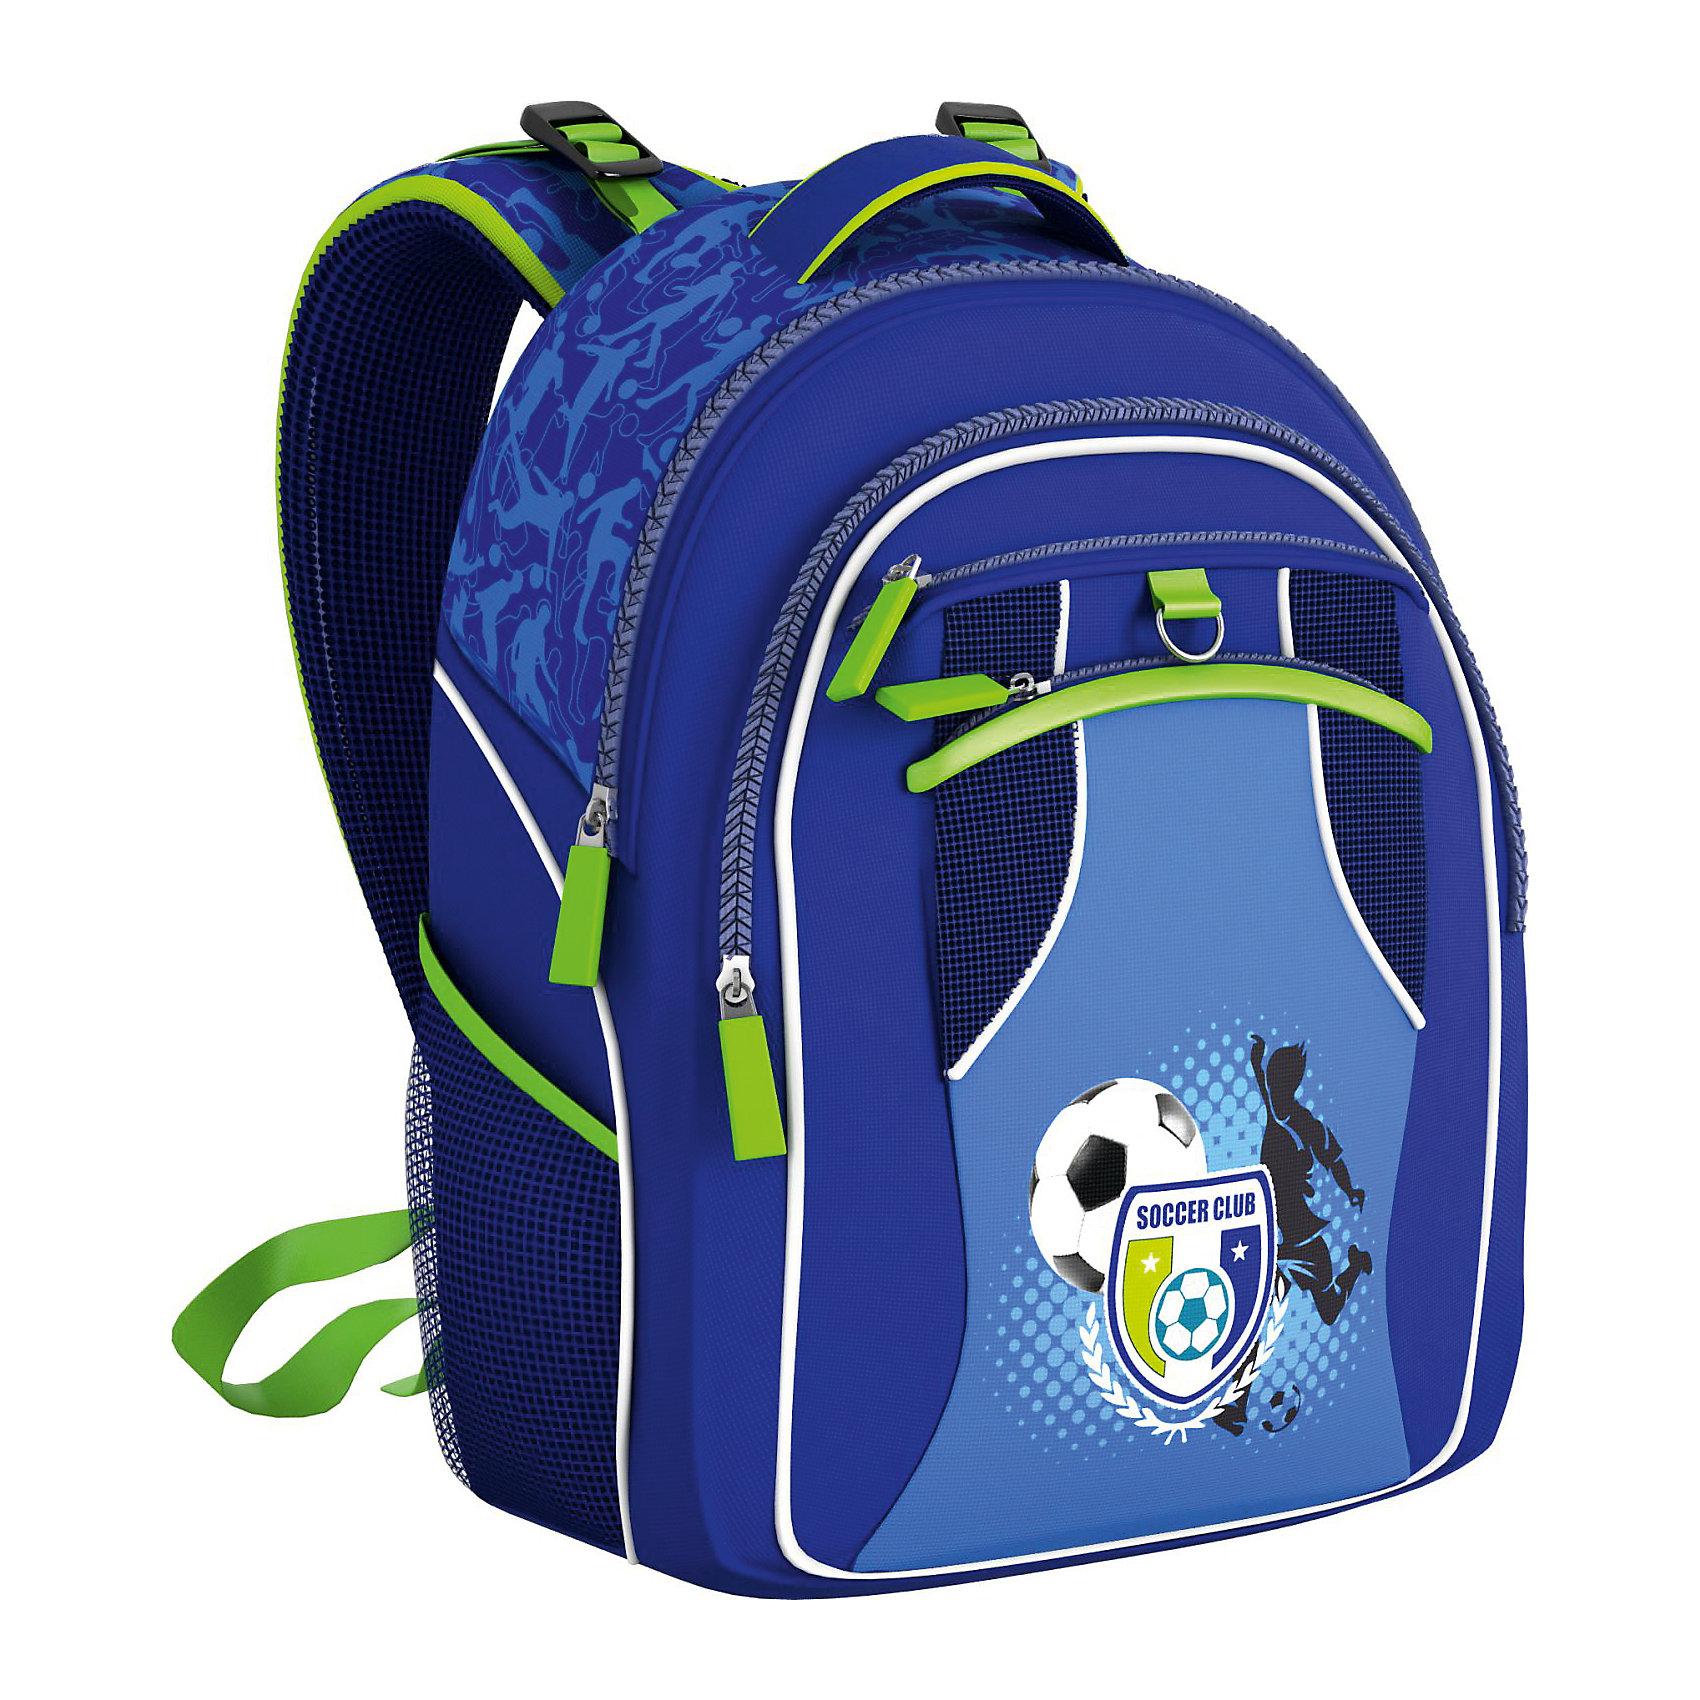 Школьный рюкзак Soccer ClubШкольный рюкзак Soccer Club<br><br>Характеристики:<br>- Состав: пластик, текстиль<br>- Размер: 28 * 14 * 38 см. <br>- Застежка: молния <br>- Анатомическая спинка<br>- Вес: 450 гр.<br>Школьный рюкзак Soccer Club (Футбольный клуб) отлично подойдет мальчика в подготовительной и начальной школе. Приятный темно-синий цвет, неоново-зеленые детали, эмблема футбольного клуба и футболист забивающий гол на заднем плане придут по вкусу маленькому ученику. Широкие лямки и уплотненная спинка позволяют правильно распределять вес. Лямки регулируются под ребенка. Материал рюкзака обработан специальным водоотталкивающим раствором, который не позволяет влаге проникать внутрь. Устойчивая форма рюкзака позволит легко найти в нем необходимое. На спинке и лямках рюкзака специальная сетчатая ткань, которая пропускает воздух и не дает ребенку потеть. Рюкзак имеет два обширных отделения, в которые легко помещаются тетради формата А4, а передние два кармана на молнии отлично подойдут для пеналов и мелочей. Небольшое надежное колечко позволит повесить на рюкзачок любимые брелки. По бокам также имеются два функциональных кармана с резинкой и сеткой, сюда можно поместить бутылочку с водой. Красивый и практичный рюкзак поможет сделать начальные годы обучения веселее и приятнее.<br>Школьный рюкзак Soccer Club (Футбольный клуб) можно купить в нашем интернет-магазине.<br>Подробнее:<br>• Для детей в возрасте: от 6 до 9 лет <br>• Номер товара: 4803120<br>Страна производитель: Китай<br><br>Ширина мм: 280<br>Глубина мм: 140<br>Высота мм: 380<br>Вес г: 750<br>Возраст от месяцев: 72<br>Возраст до месяцев: 120<br>Пол: Мужской<br>Возраст: Детский<br>SKU: 4803120